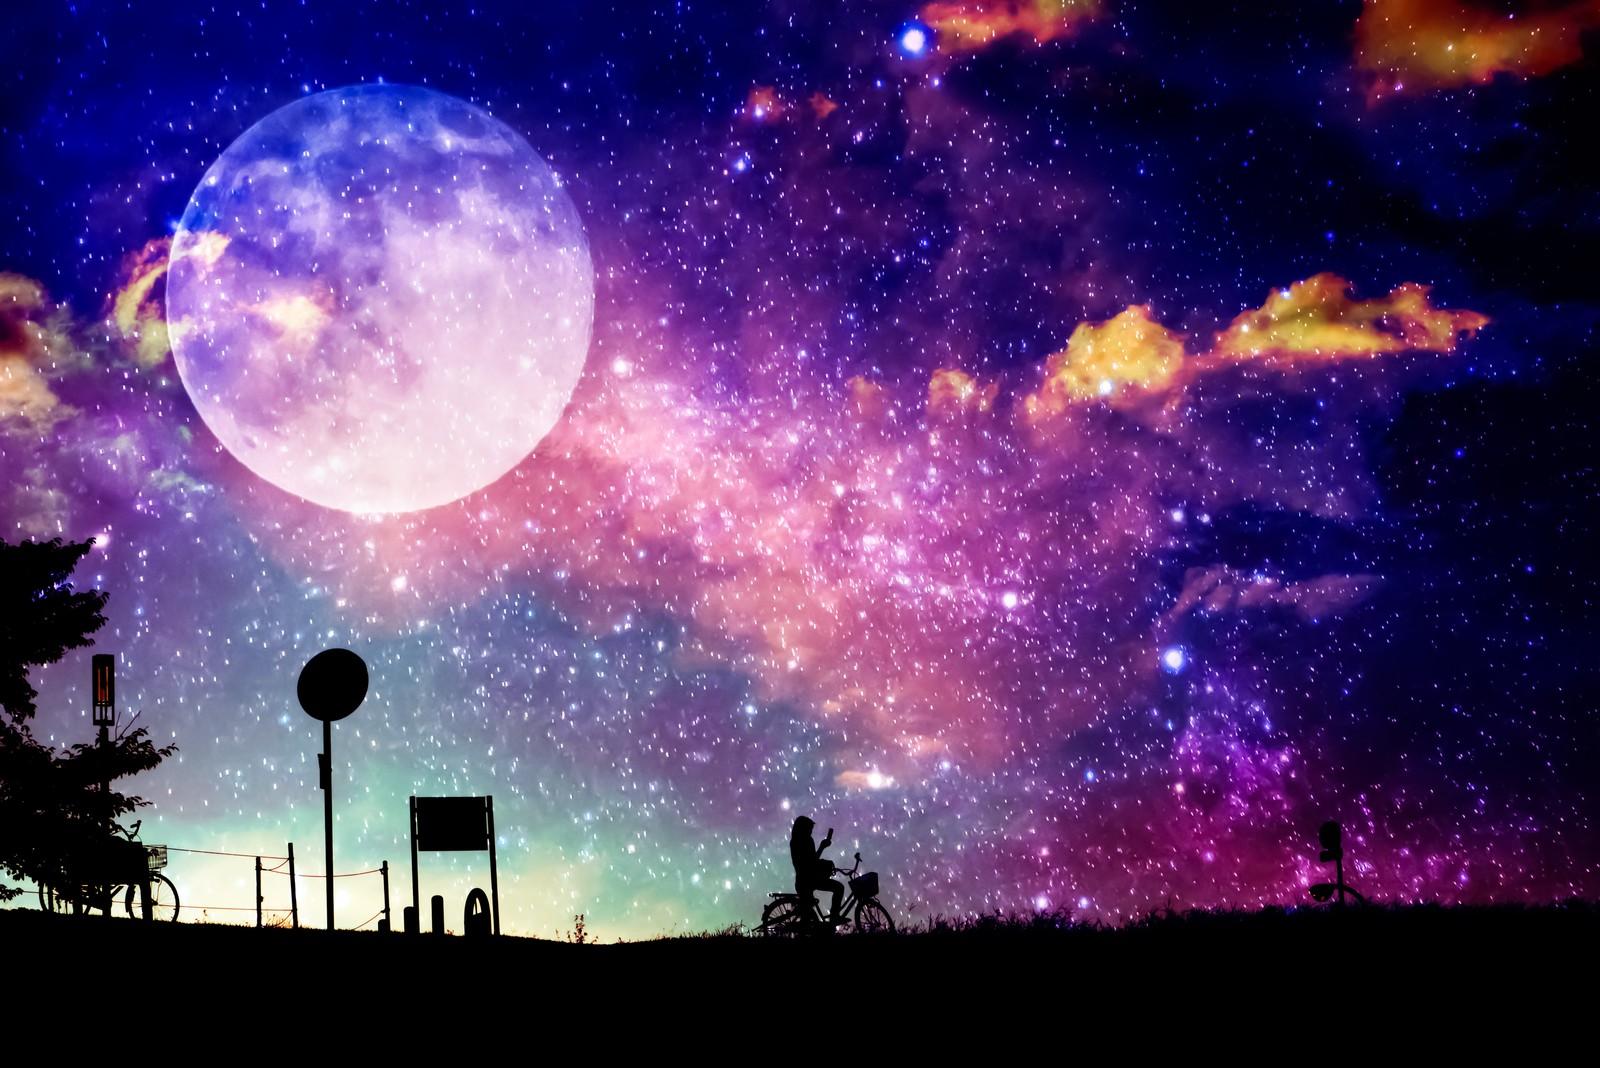 【なんばパークス ホタルの夕べ2019】蛍(ホタル)を鑑賞できる時期や時間帯は?